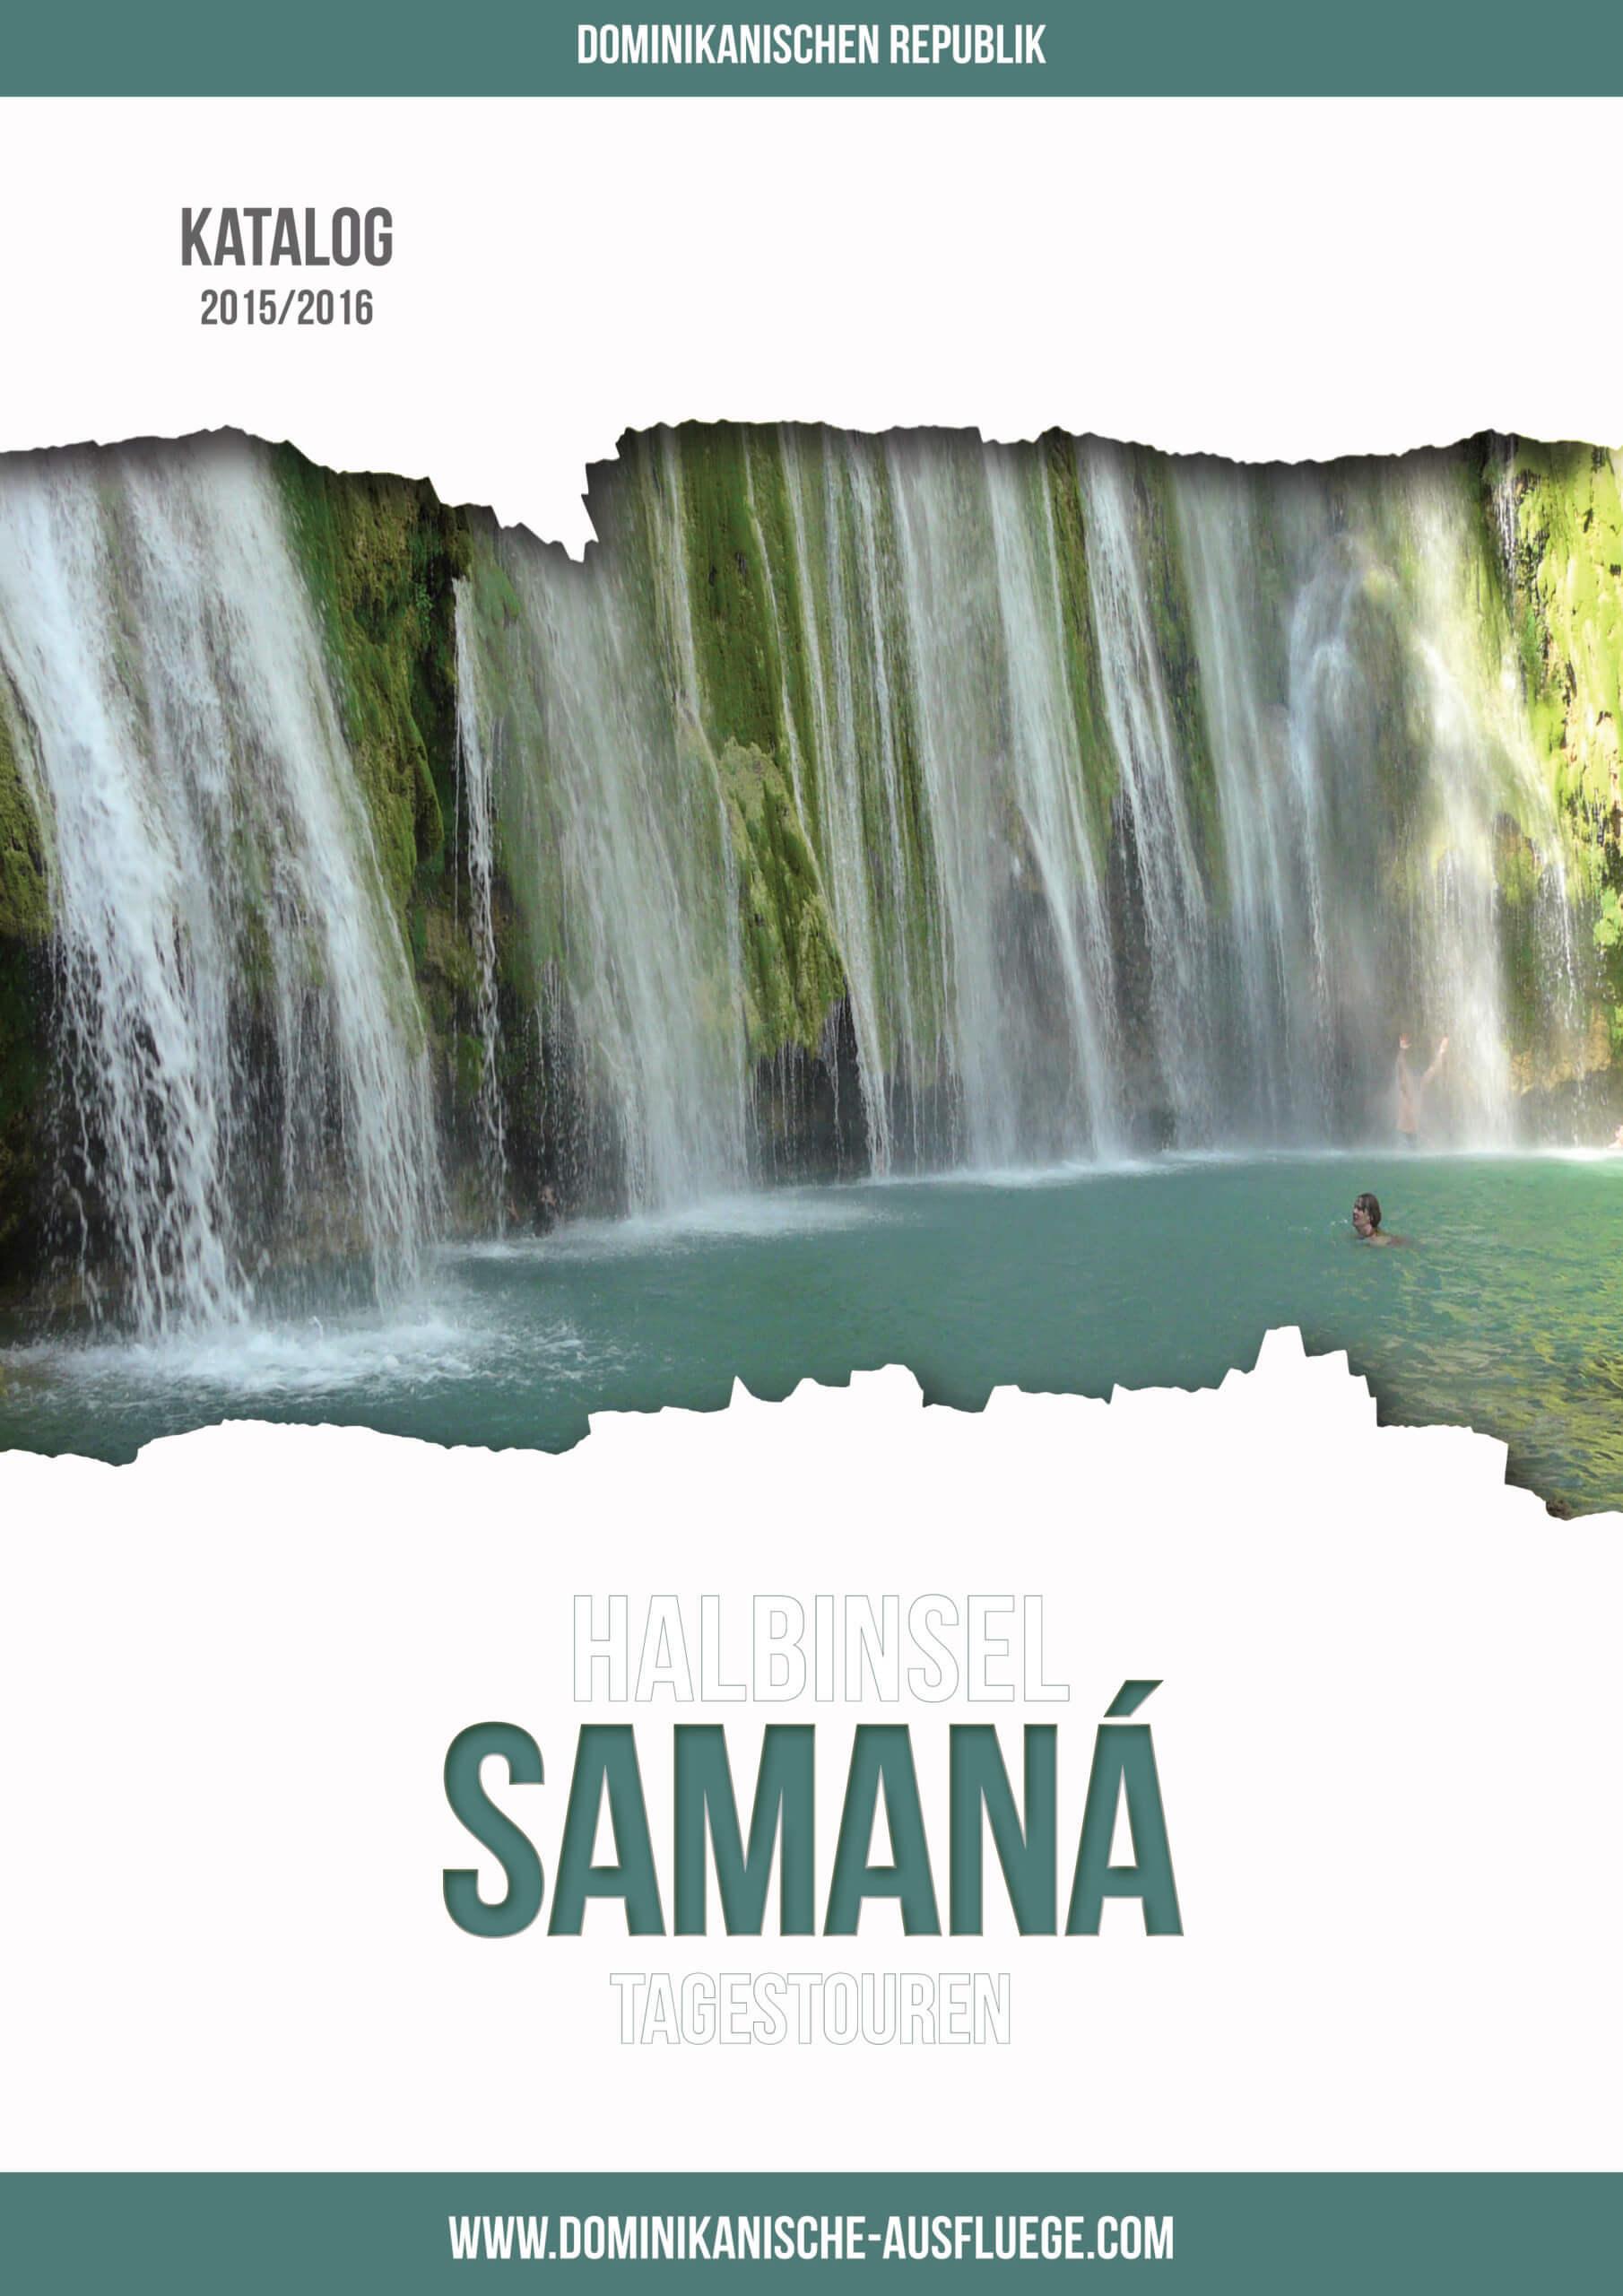 Auslüge Samana Katalog Dominikanische Republik